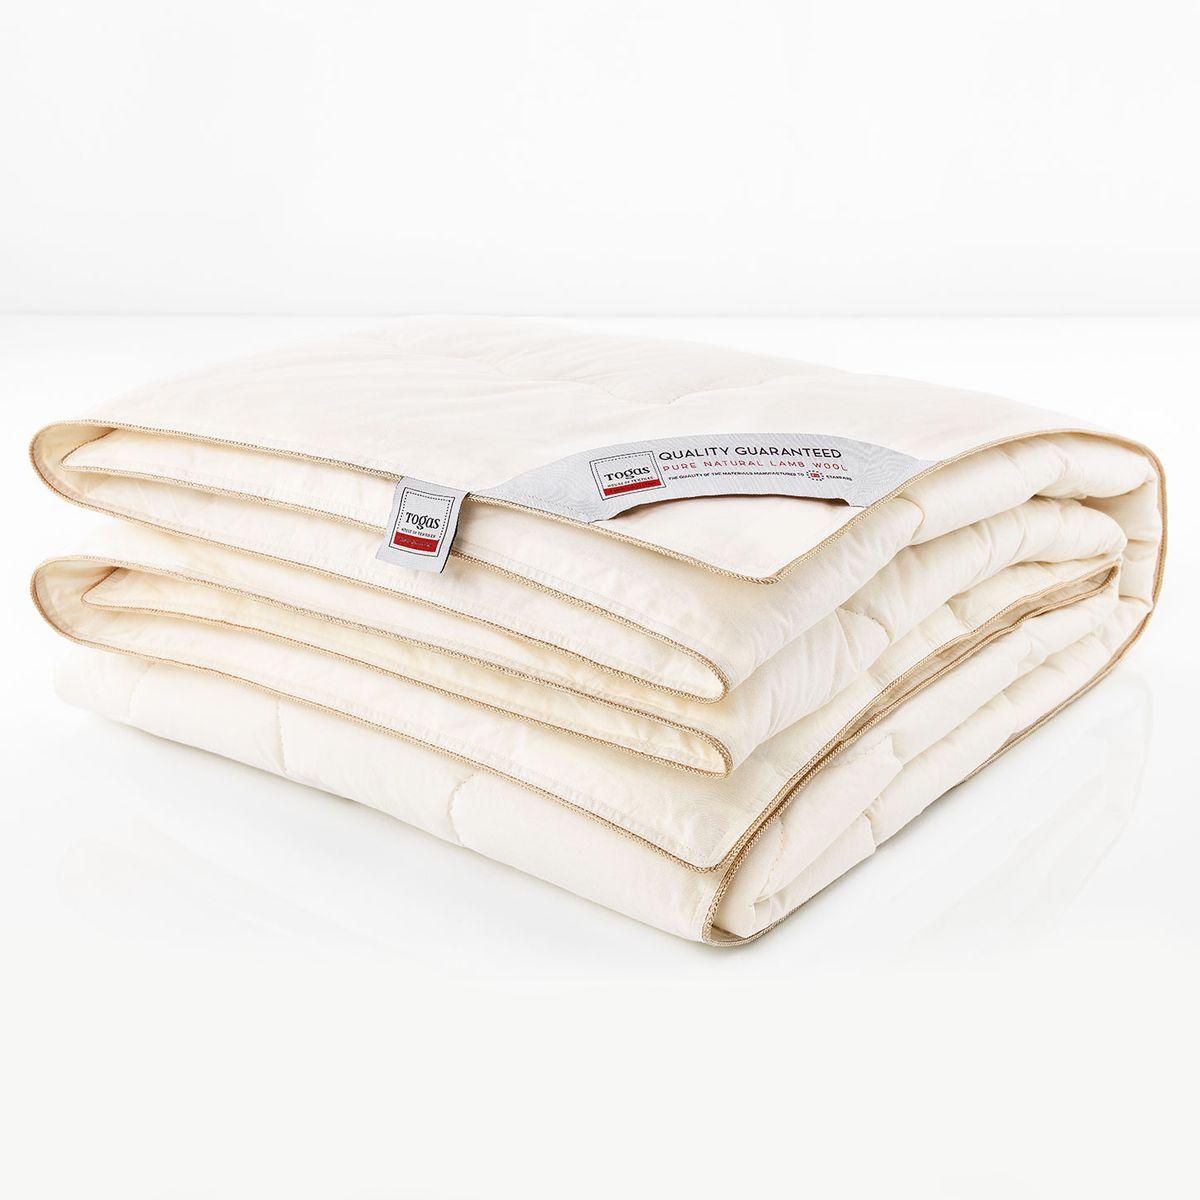 """Одеяло Прима овечья шерсть в сатине, 220 х 240 см. 20.04.17.001220.04.17.0012Шерсть способна создавать сухое тепло. Такие одеяла по-настоящему """"дышат"""": между шерстяными волокнами постоянно циркулирует воздух, который помогает выводить лишнее тепло и влагу, создавая идеальный микроклимат во время сна. Овечьи одеяла очень износостойки, неприхотливы и просты в уходе, - они прослужат вам долгие годы, не потеряв своей формы и удивительных свойств."""